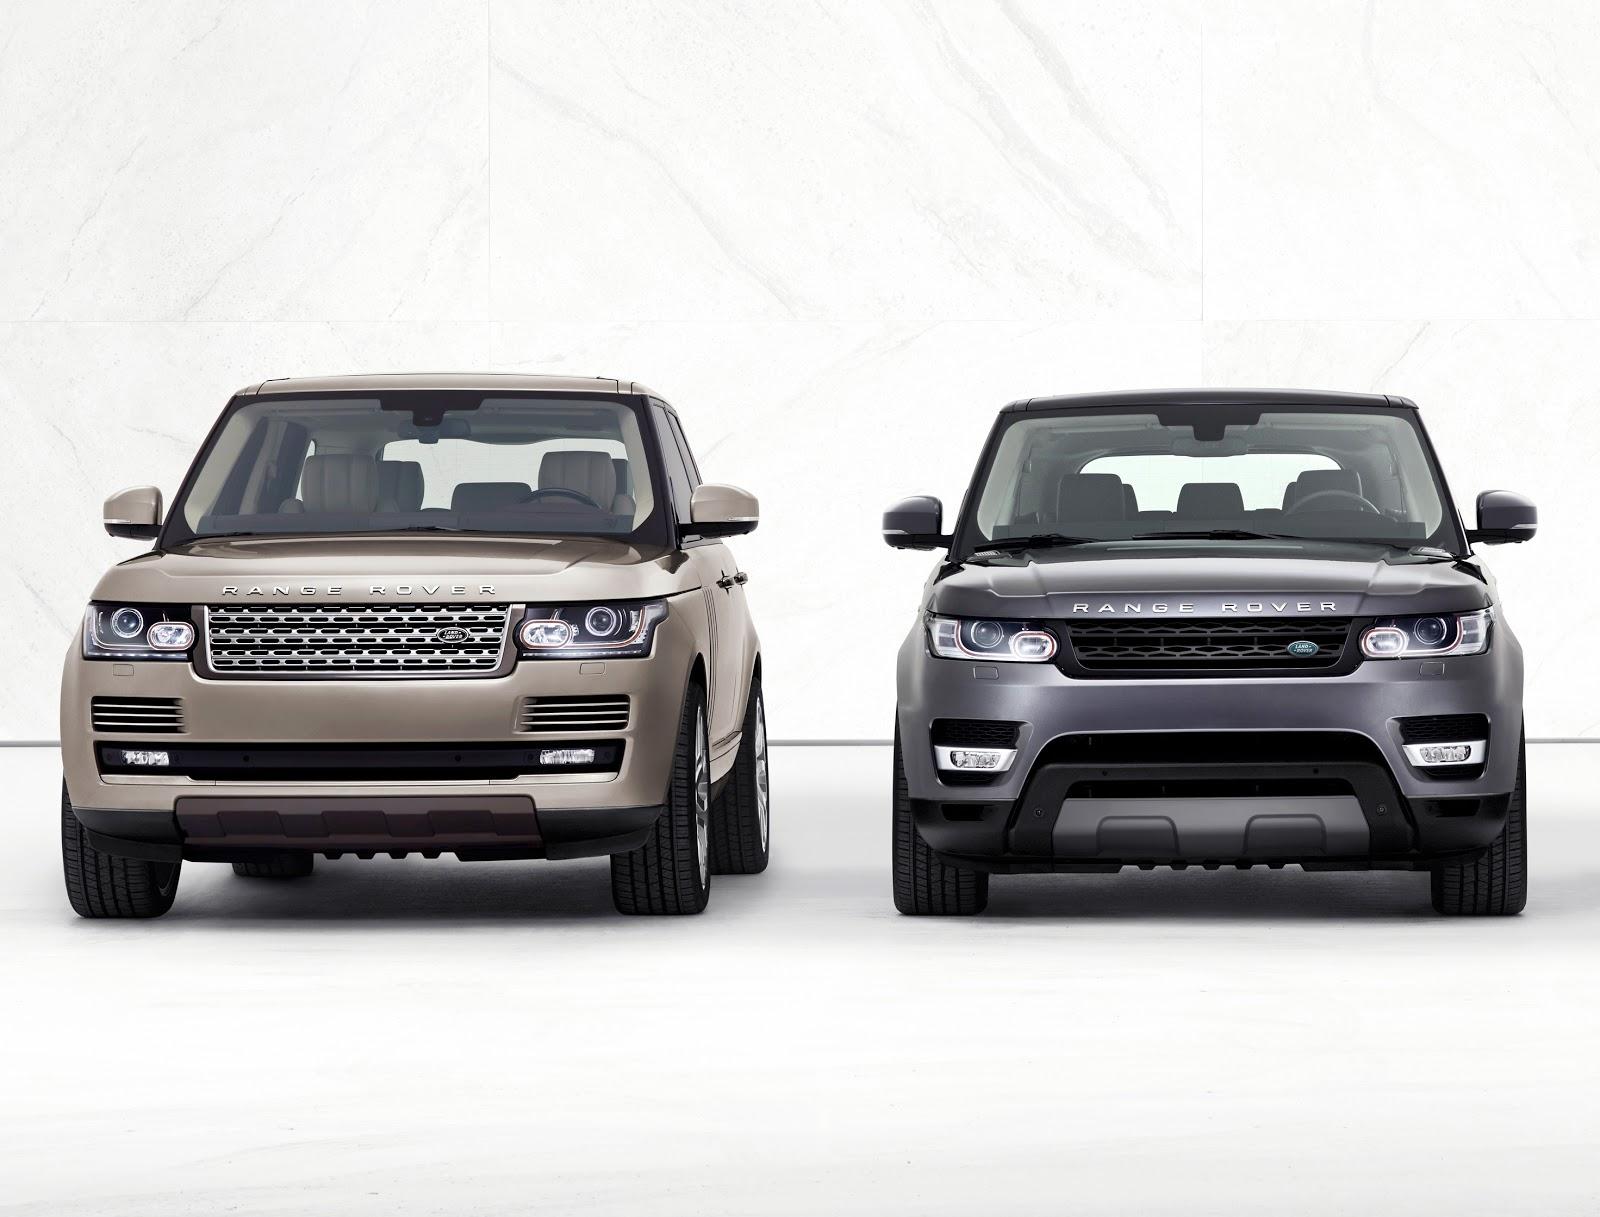 range rover sport vs range rover 2017. Black Bedroom Furniture Sets. Home Design Ideas